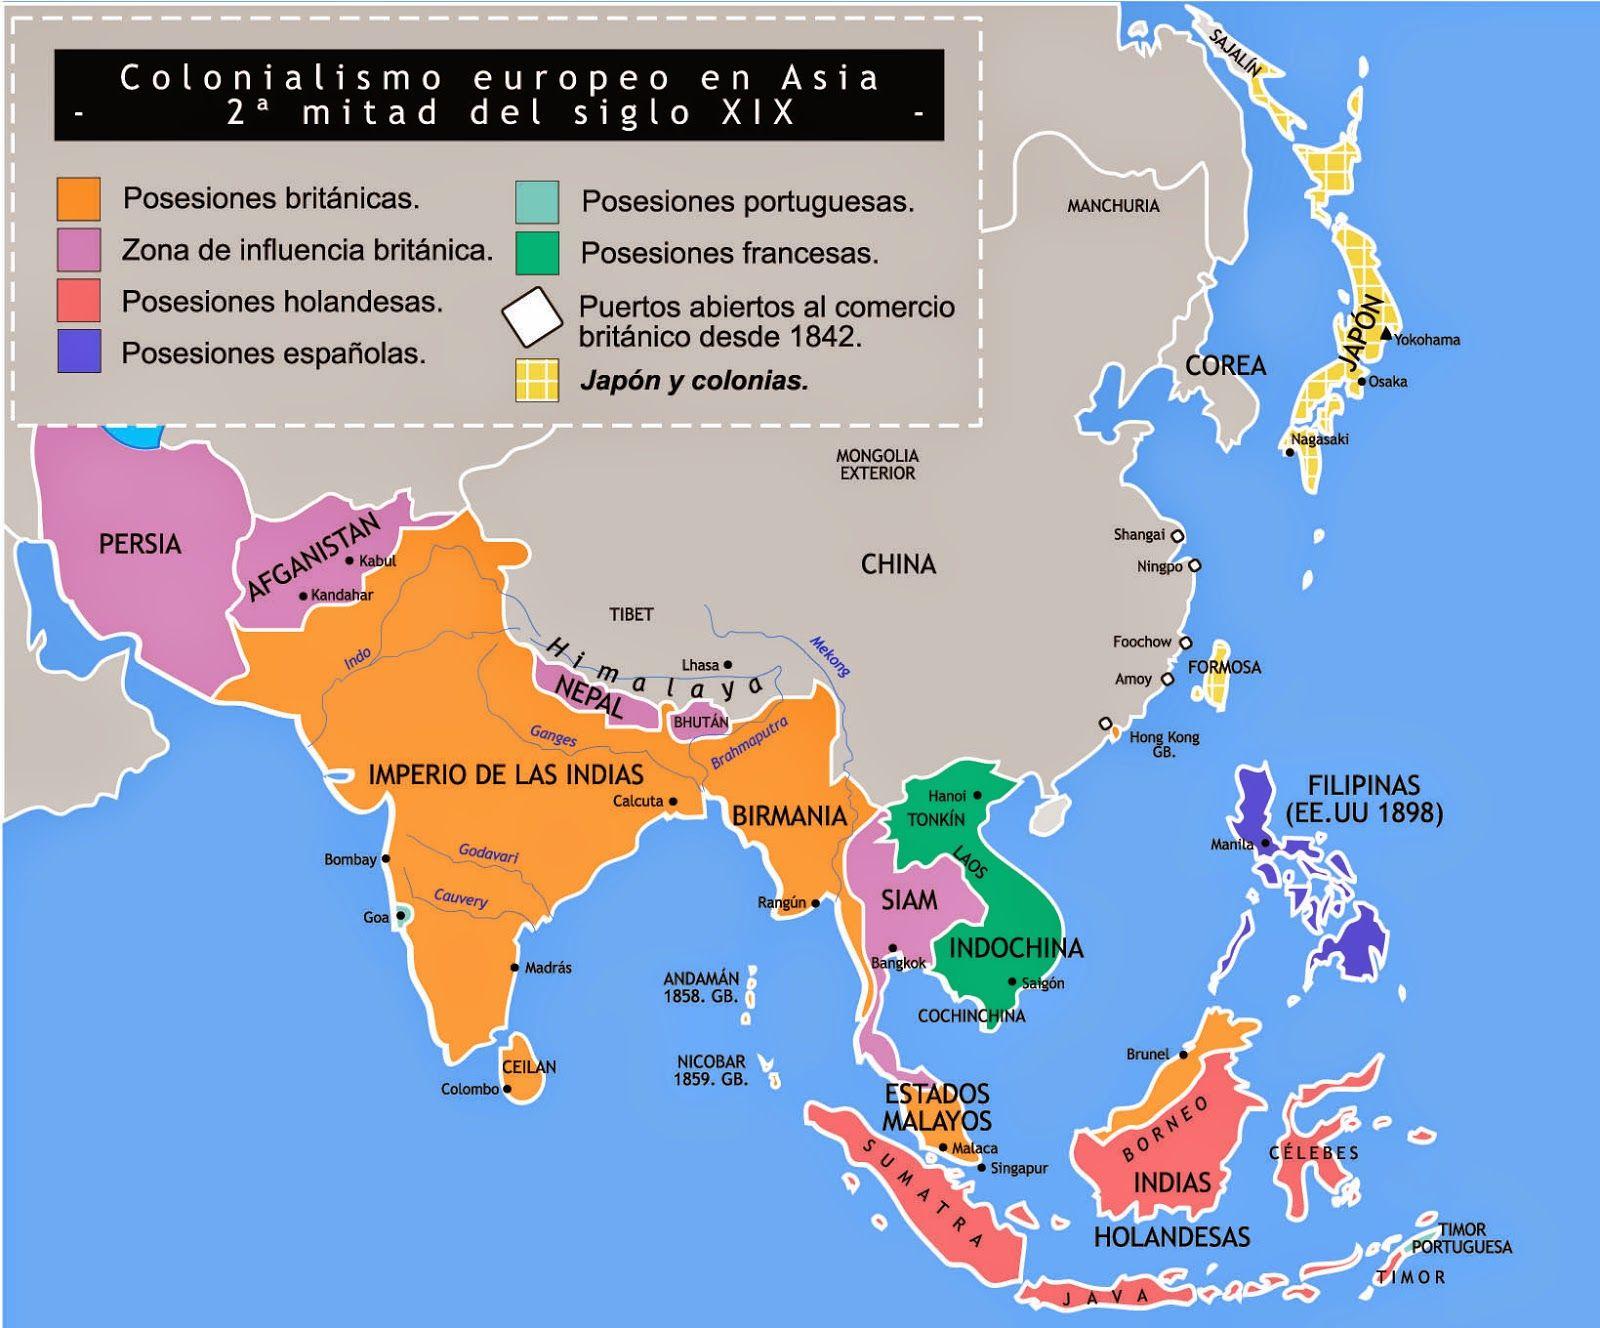 Colonialismo europeo en Asia segunda mitad del siglo XIX